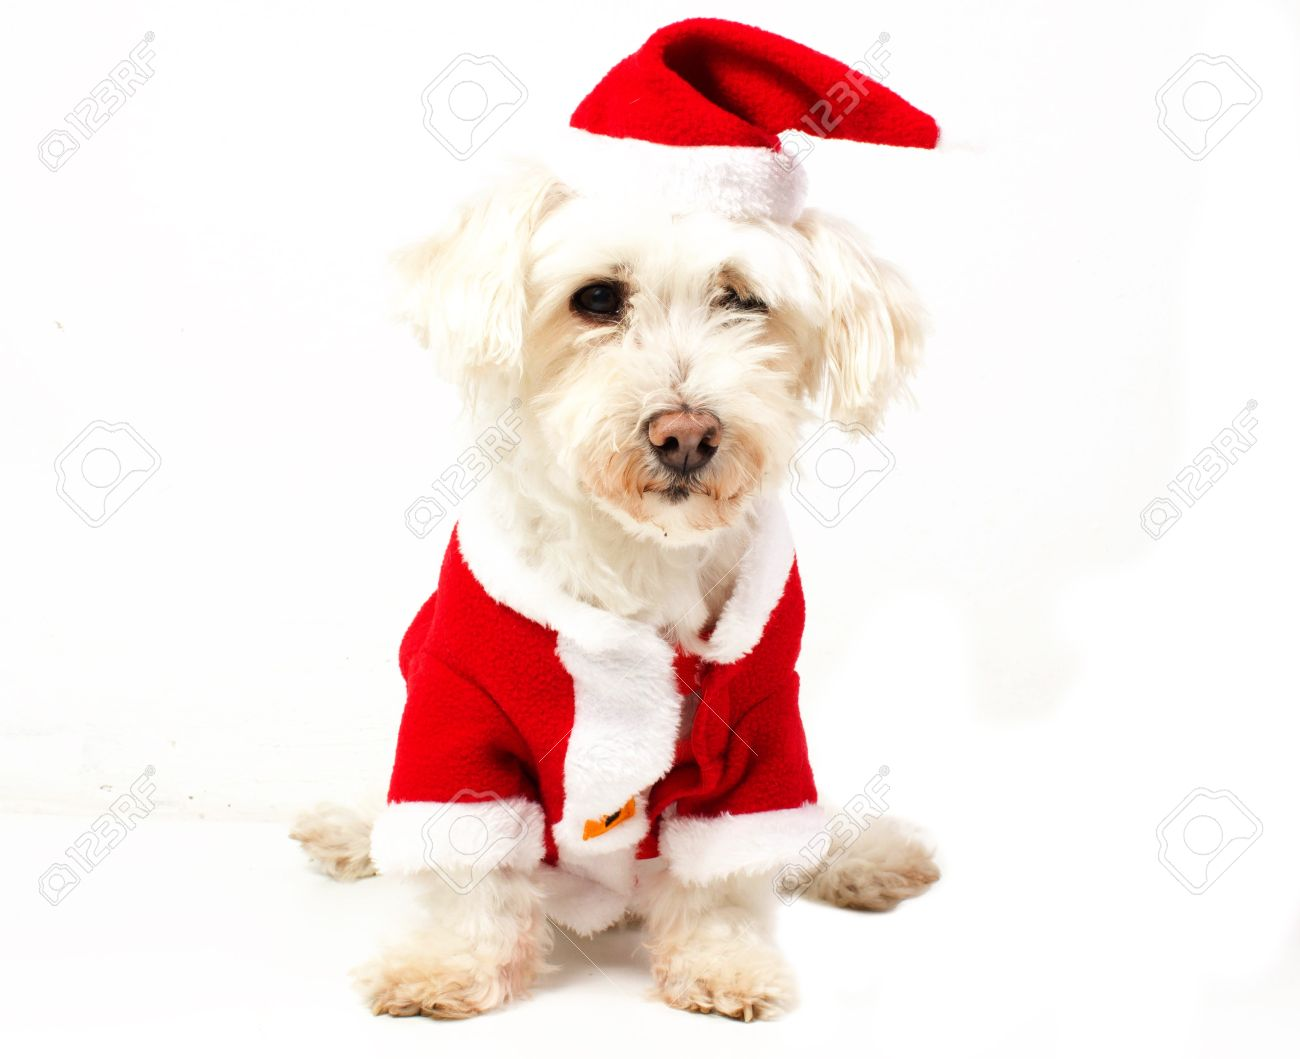 """Résultat de recherche d'images pour """"chien habillé en pere noel"""""""